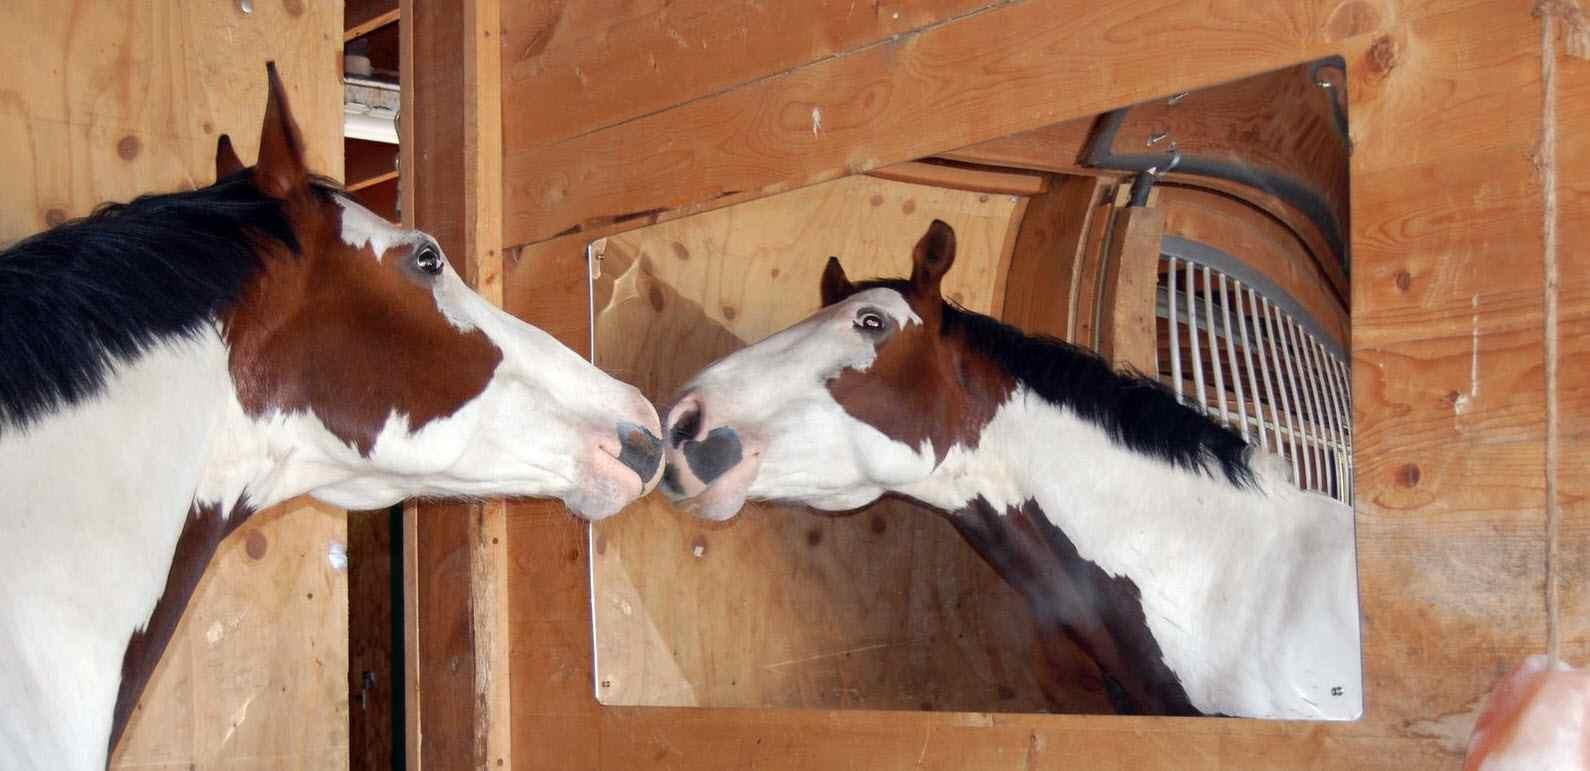 I cavalli sanno riconoscersi allo specchio? La ricerca